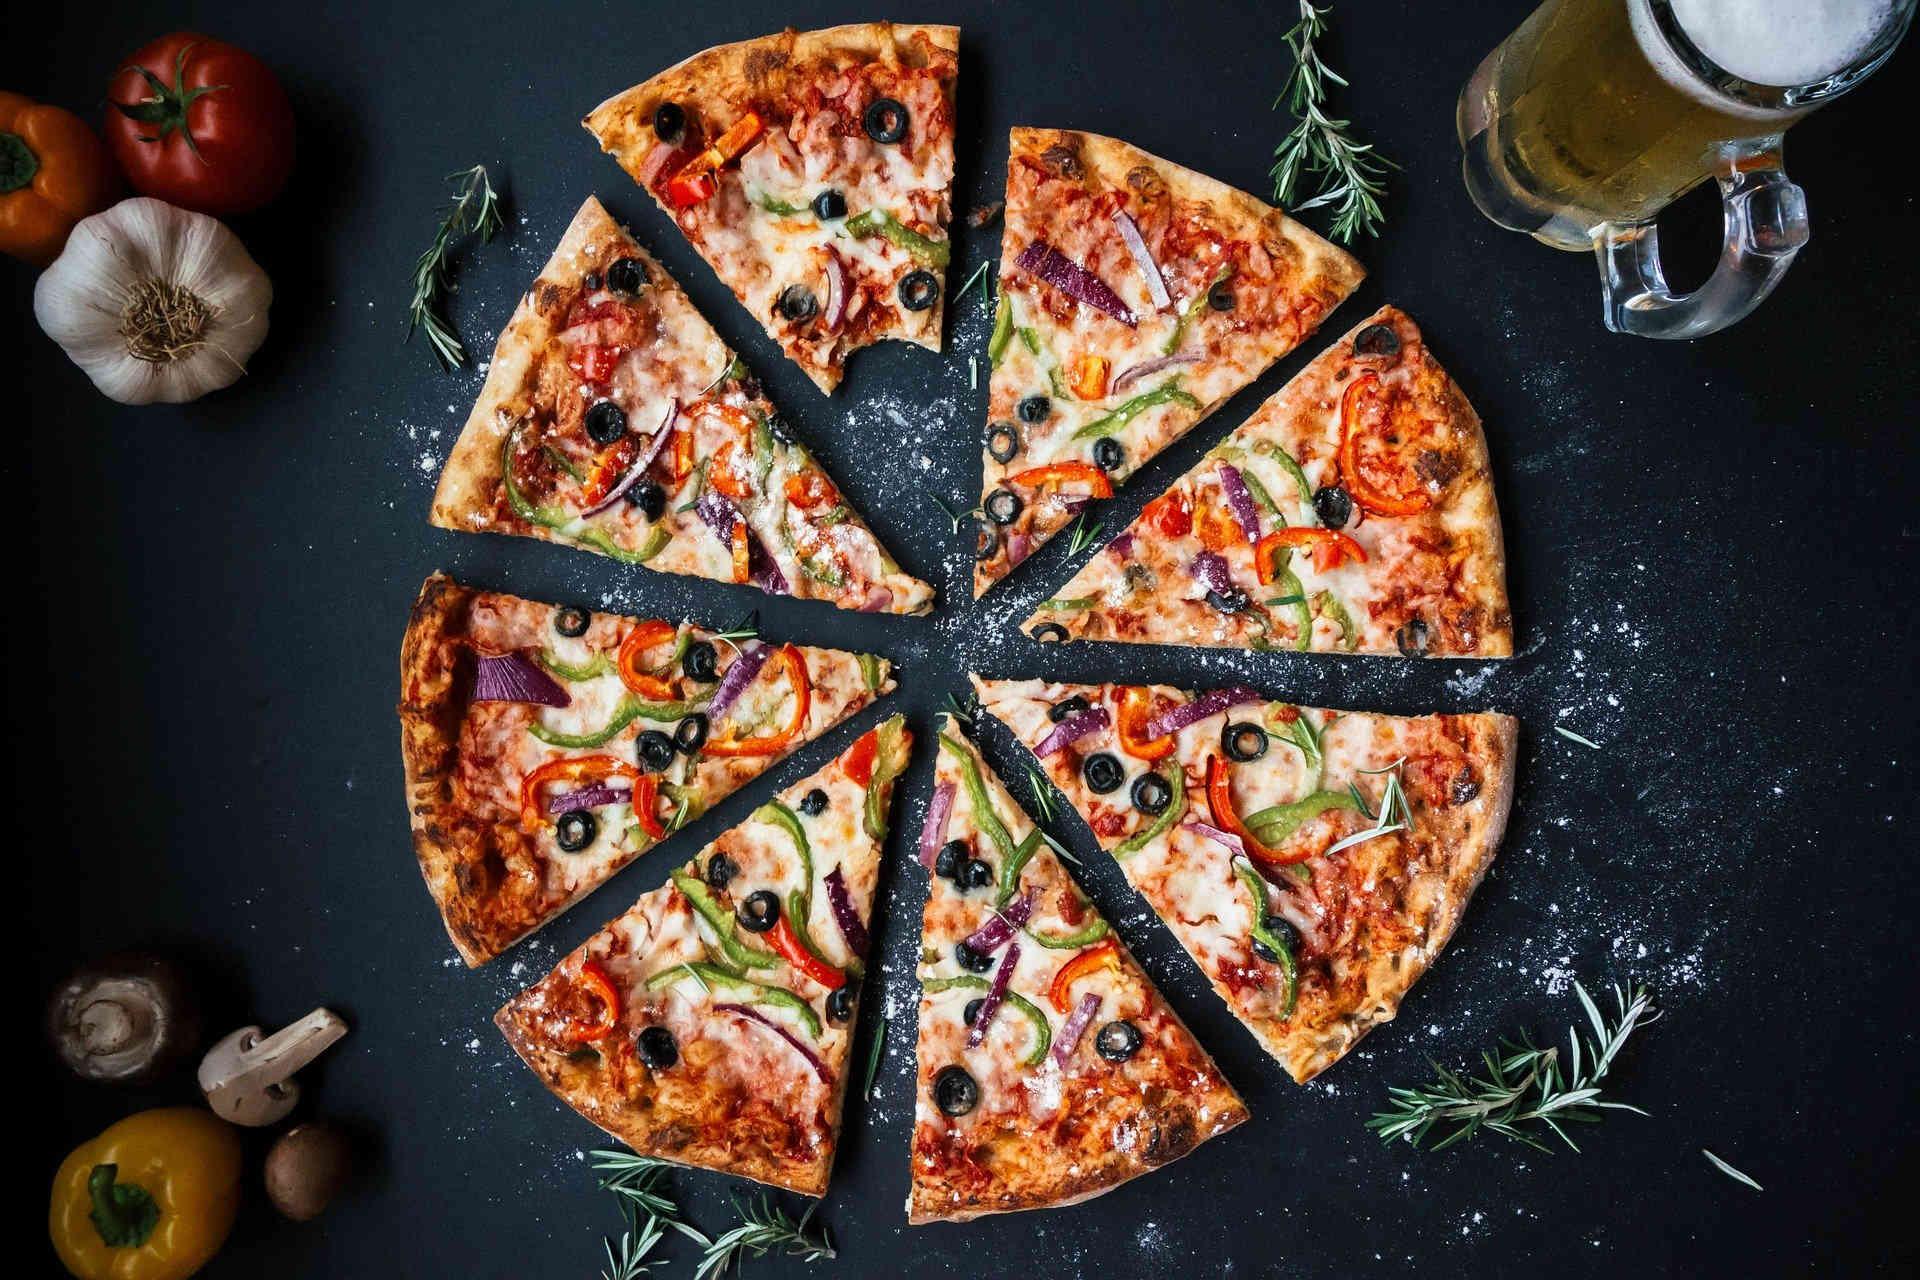 Servicio de Carta digital pizzería Intelligent Life